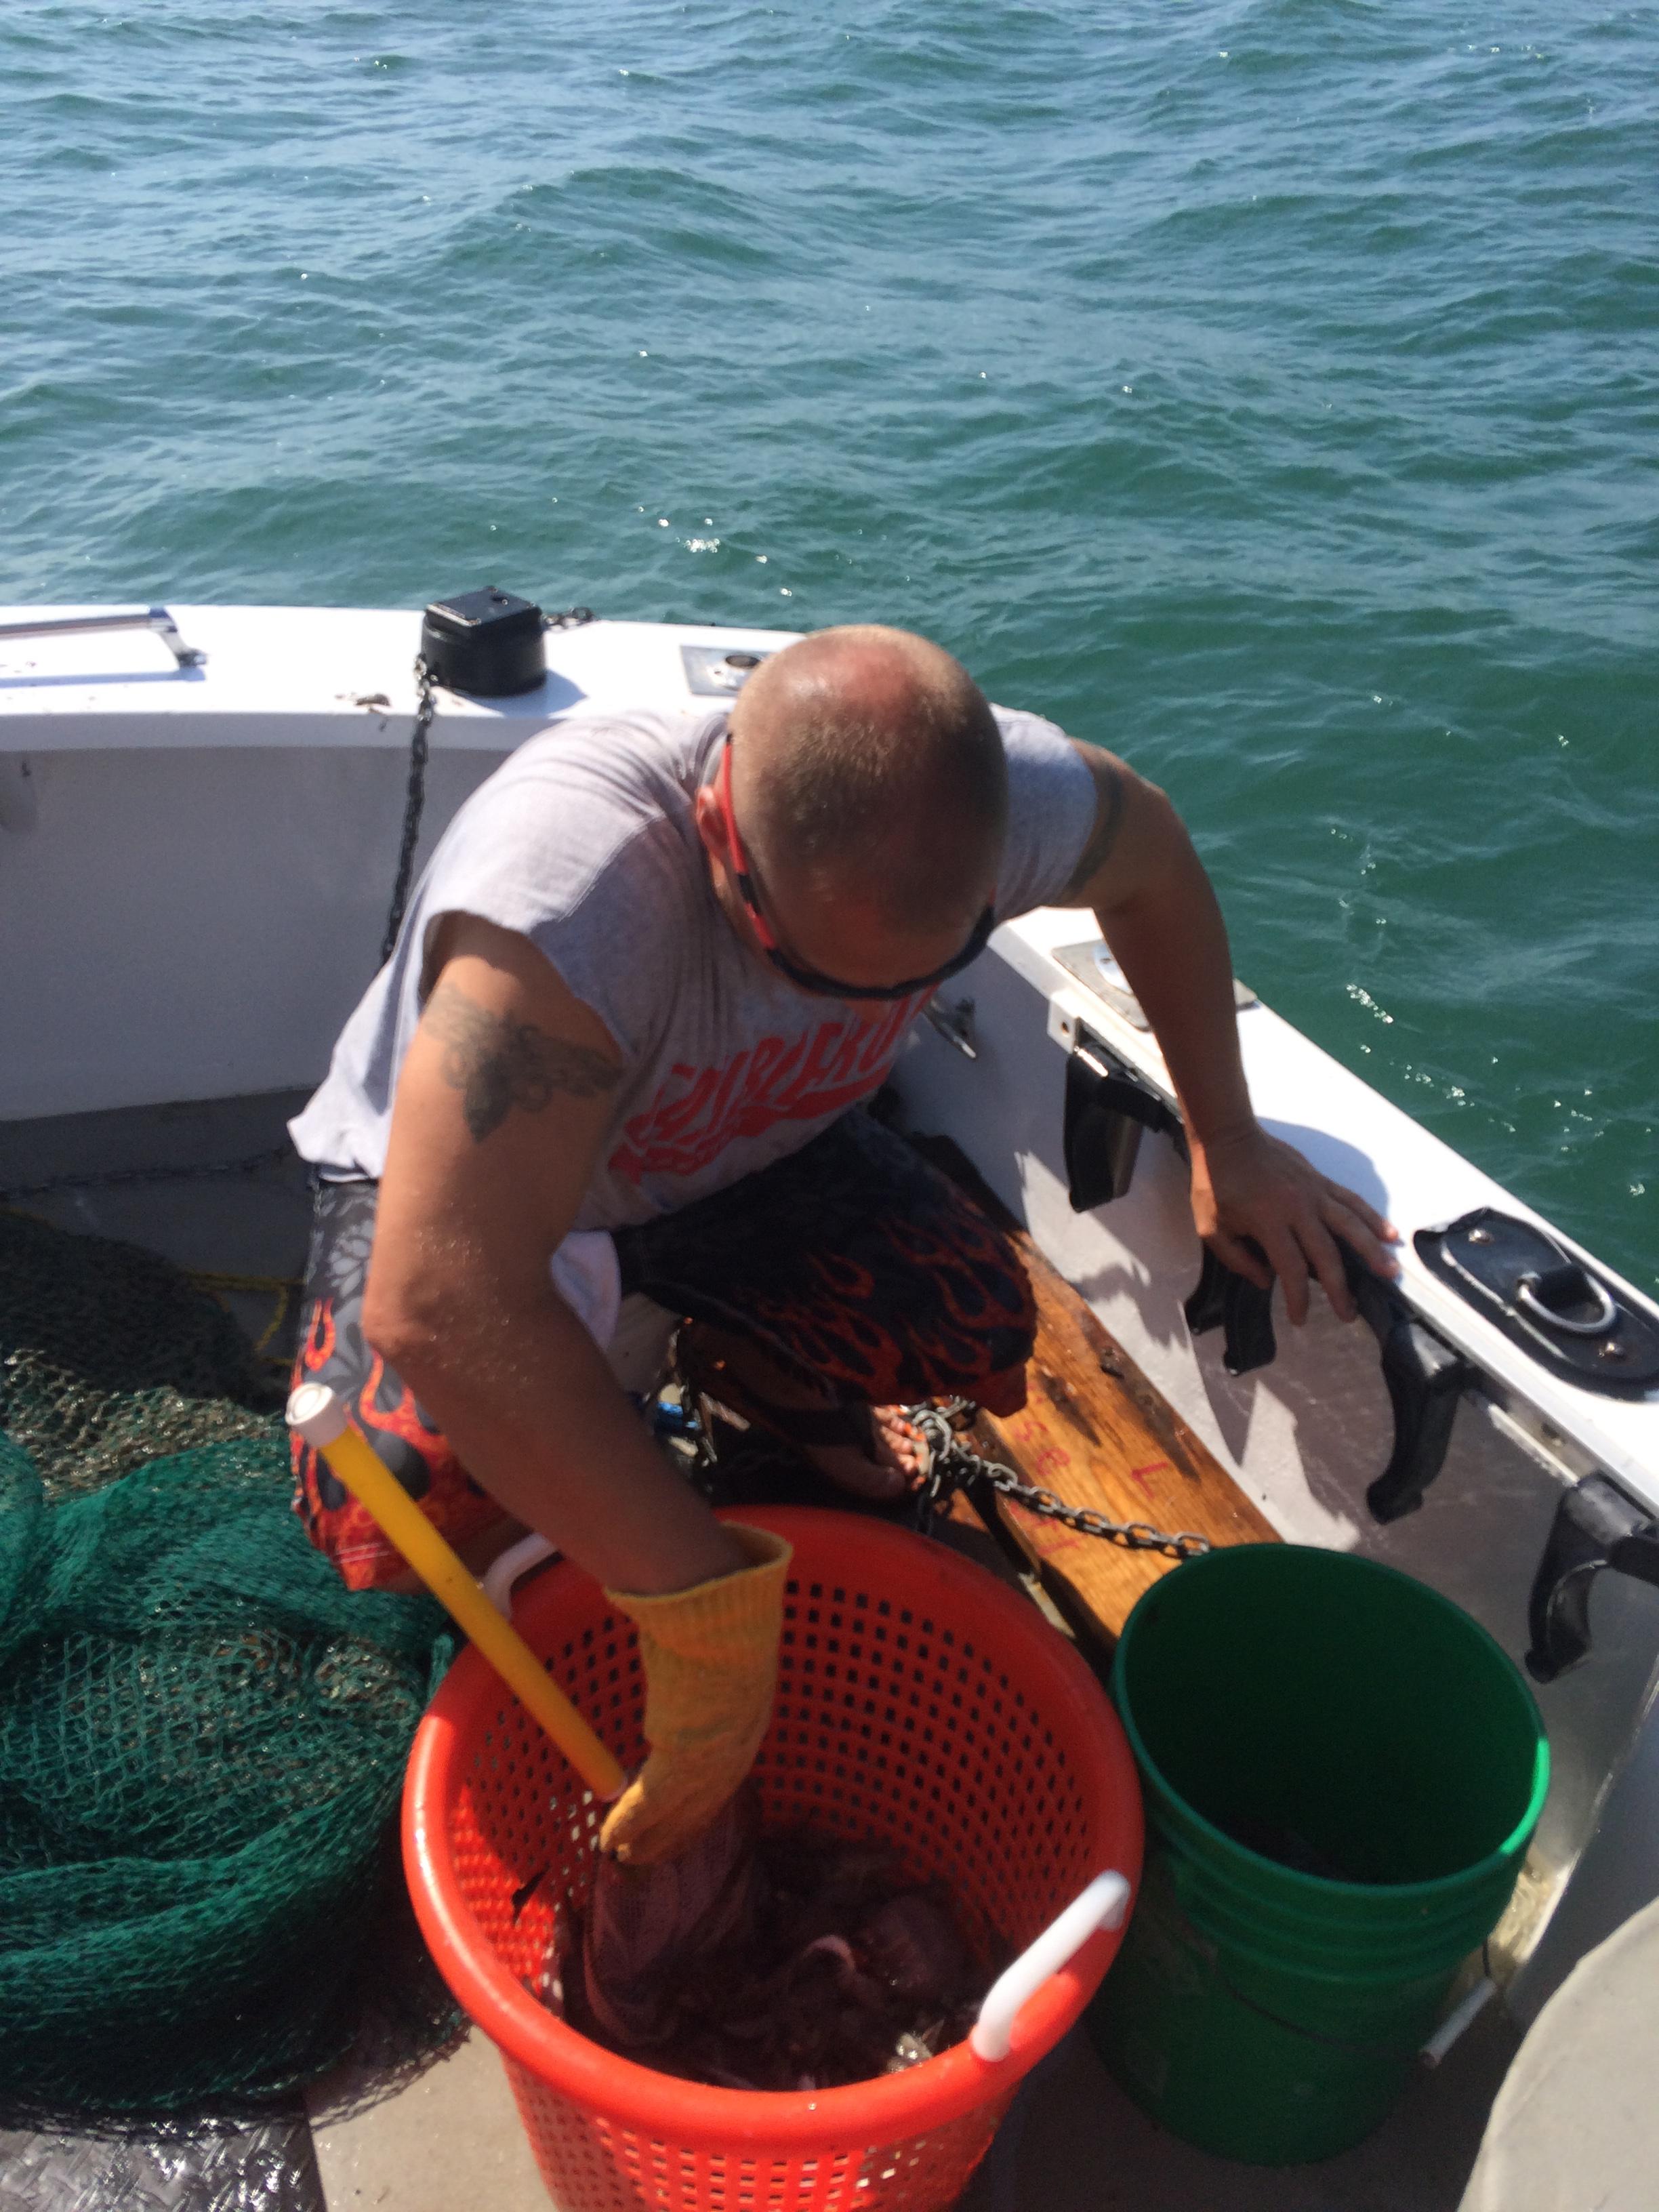 trawling net on fishing charter